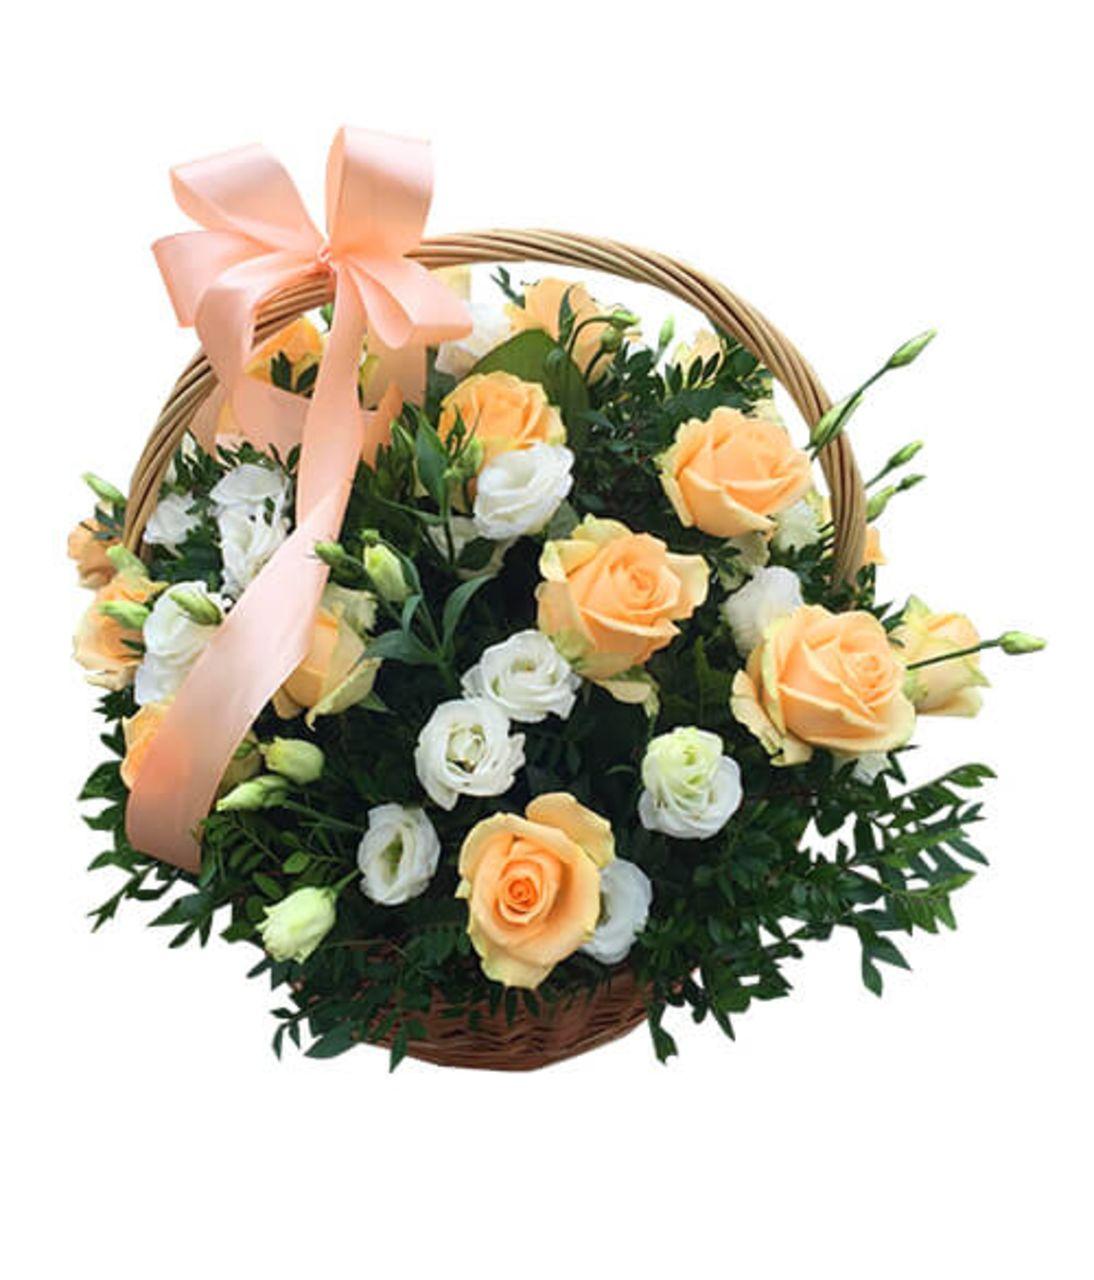 """Кошик з квітами """"Ніжний персик і біла вуаль"""". Superflowers.com.ua"""